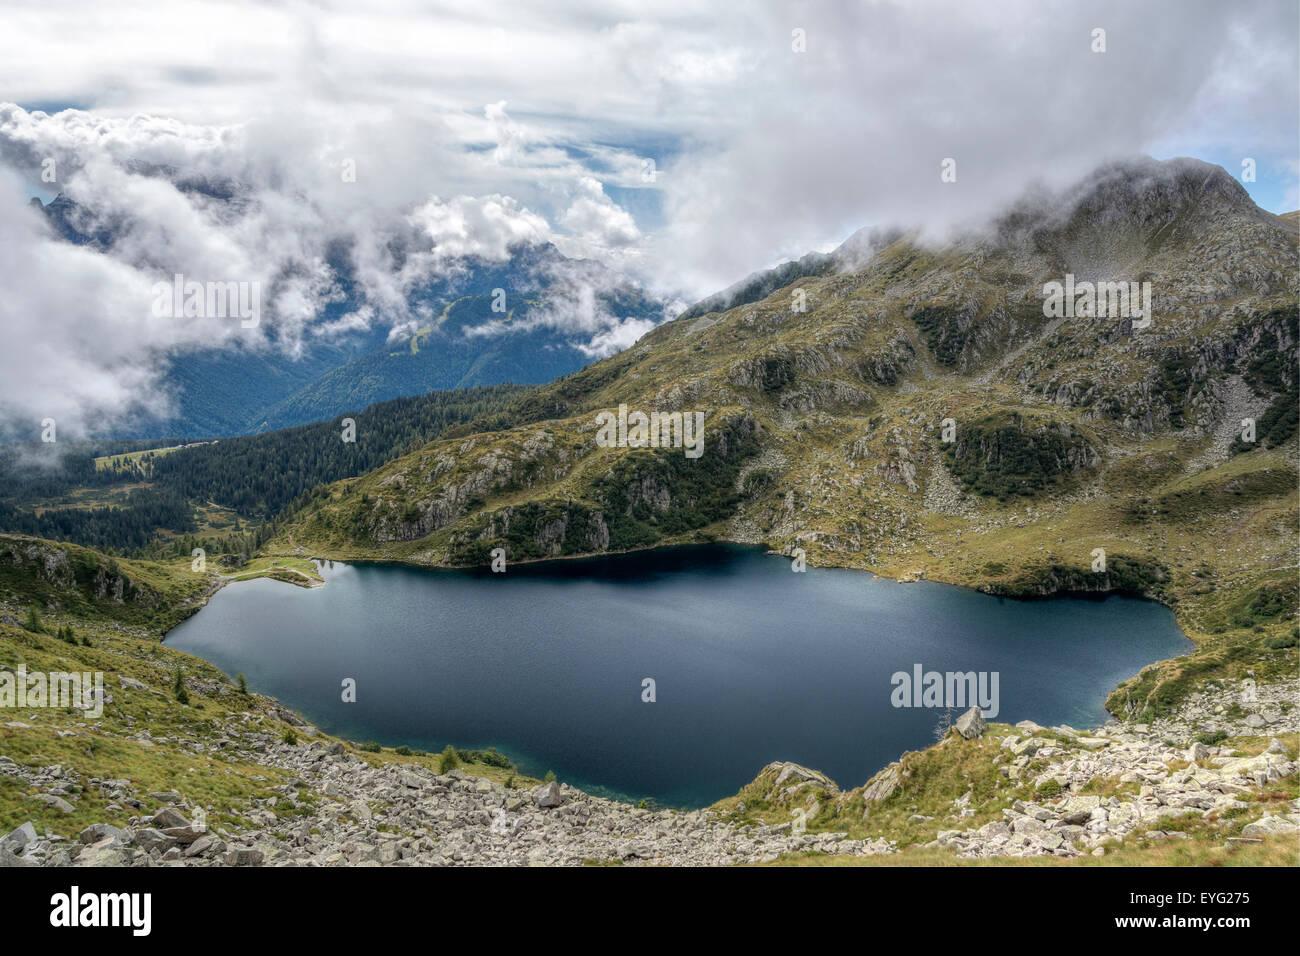 Italy Central Alps Trentino Adamello-Brenta Natural Park cinque laghi trail Lake Ritorto - Stock Image